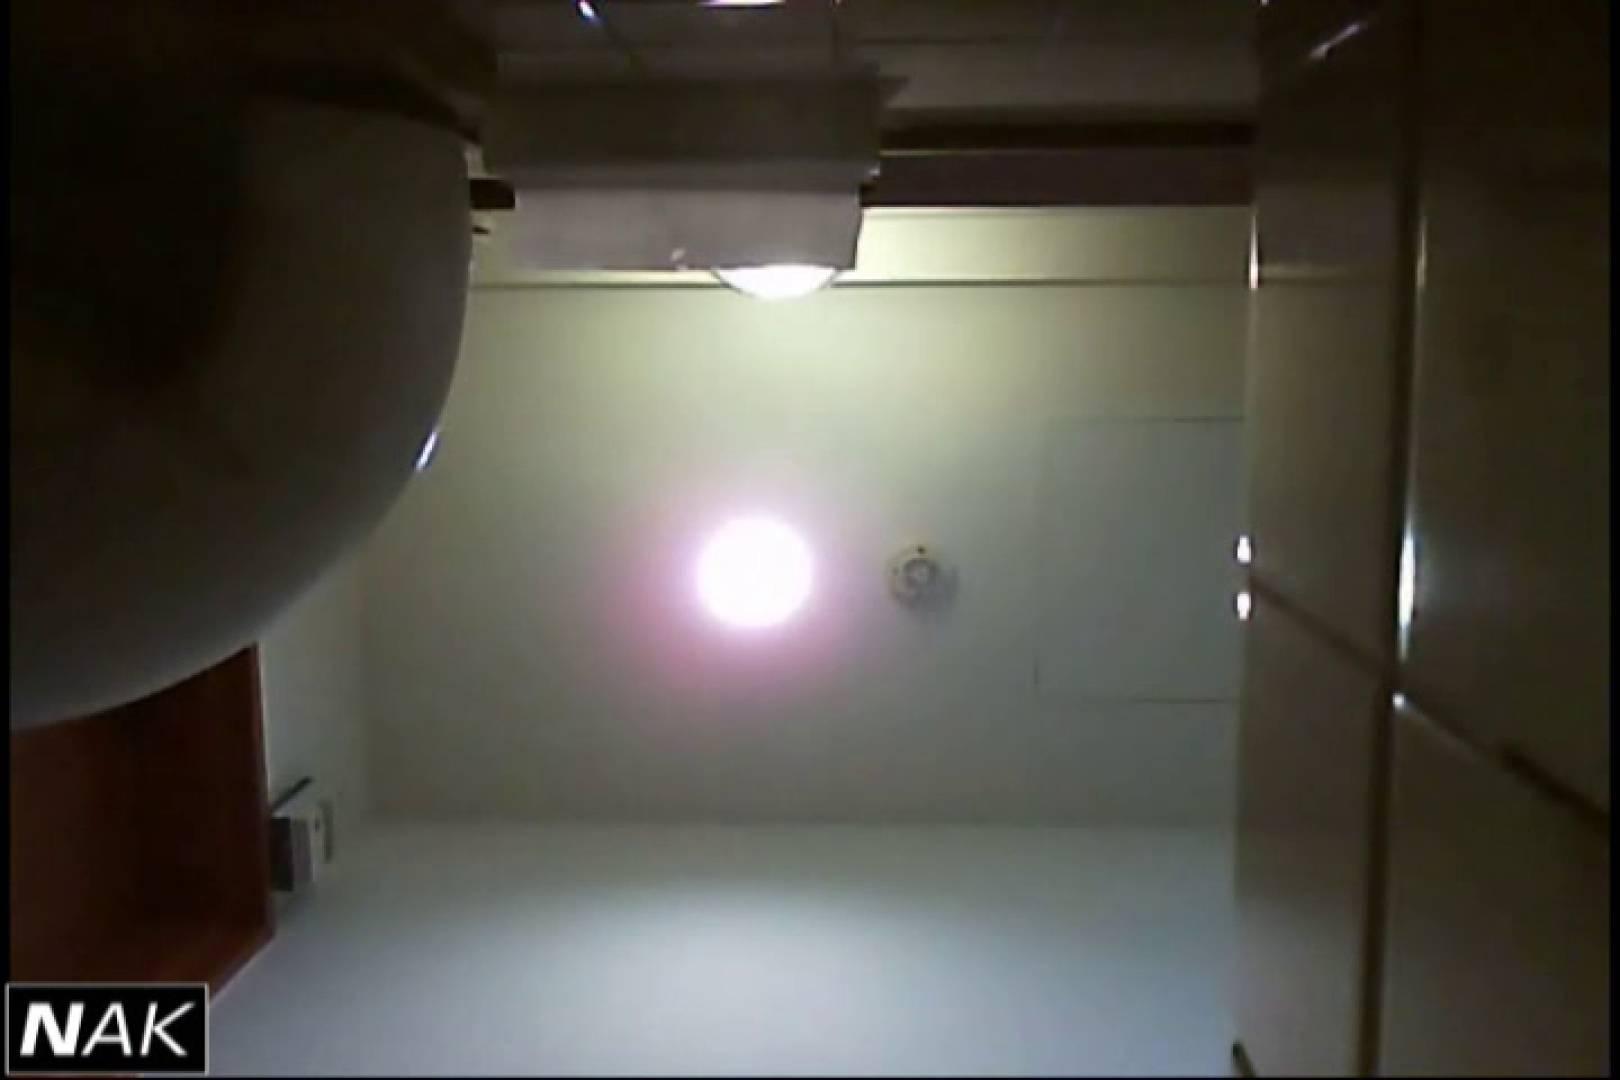 亀さんかわや VIP和式2カメバージョン! vol.14 オマンコ | 黄金水  58pic 40